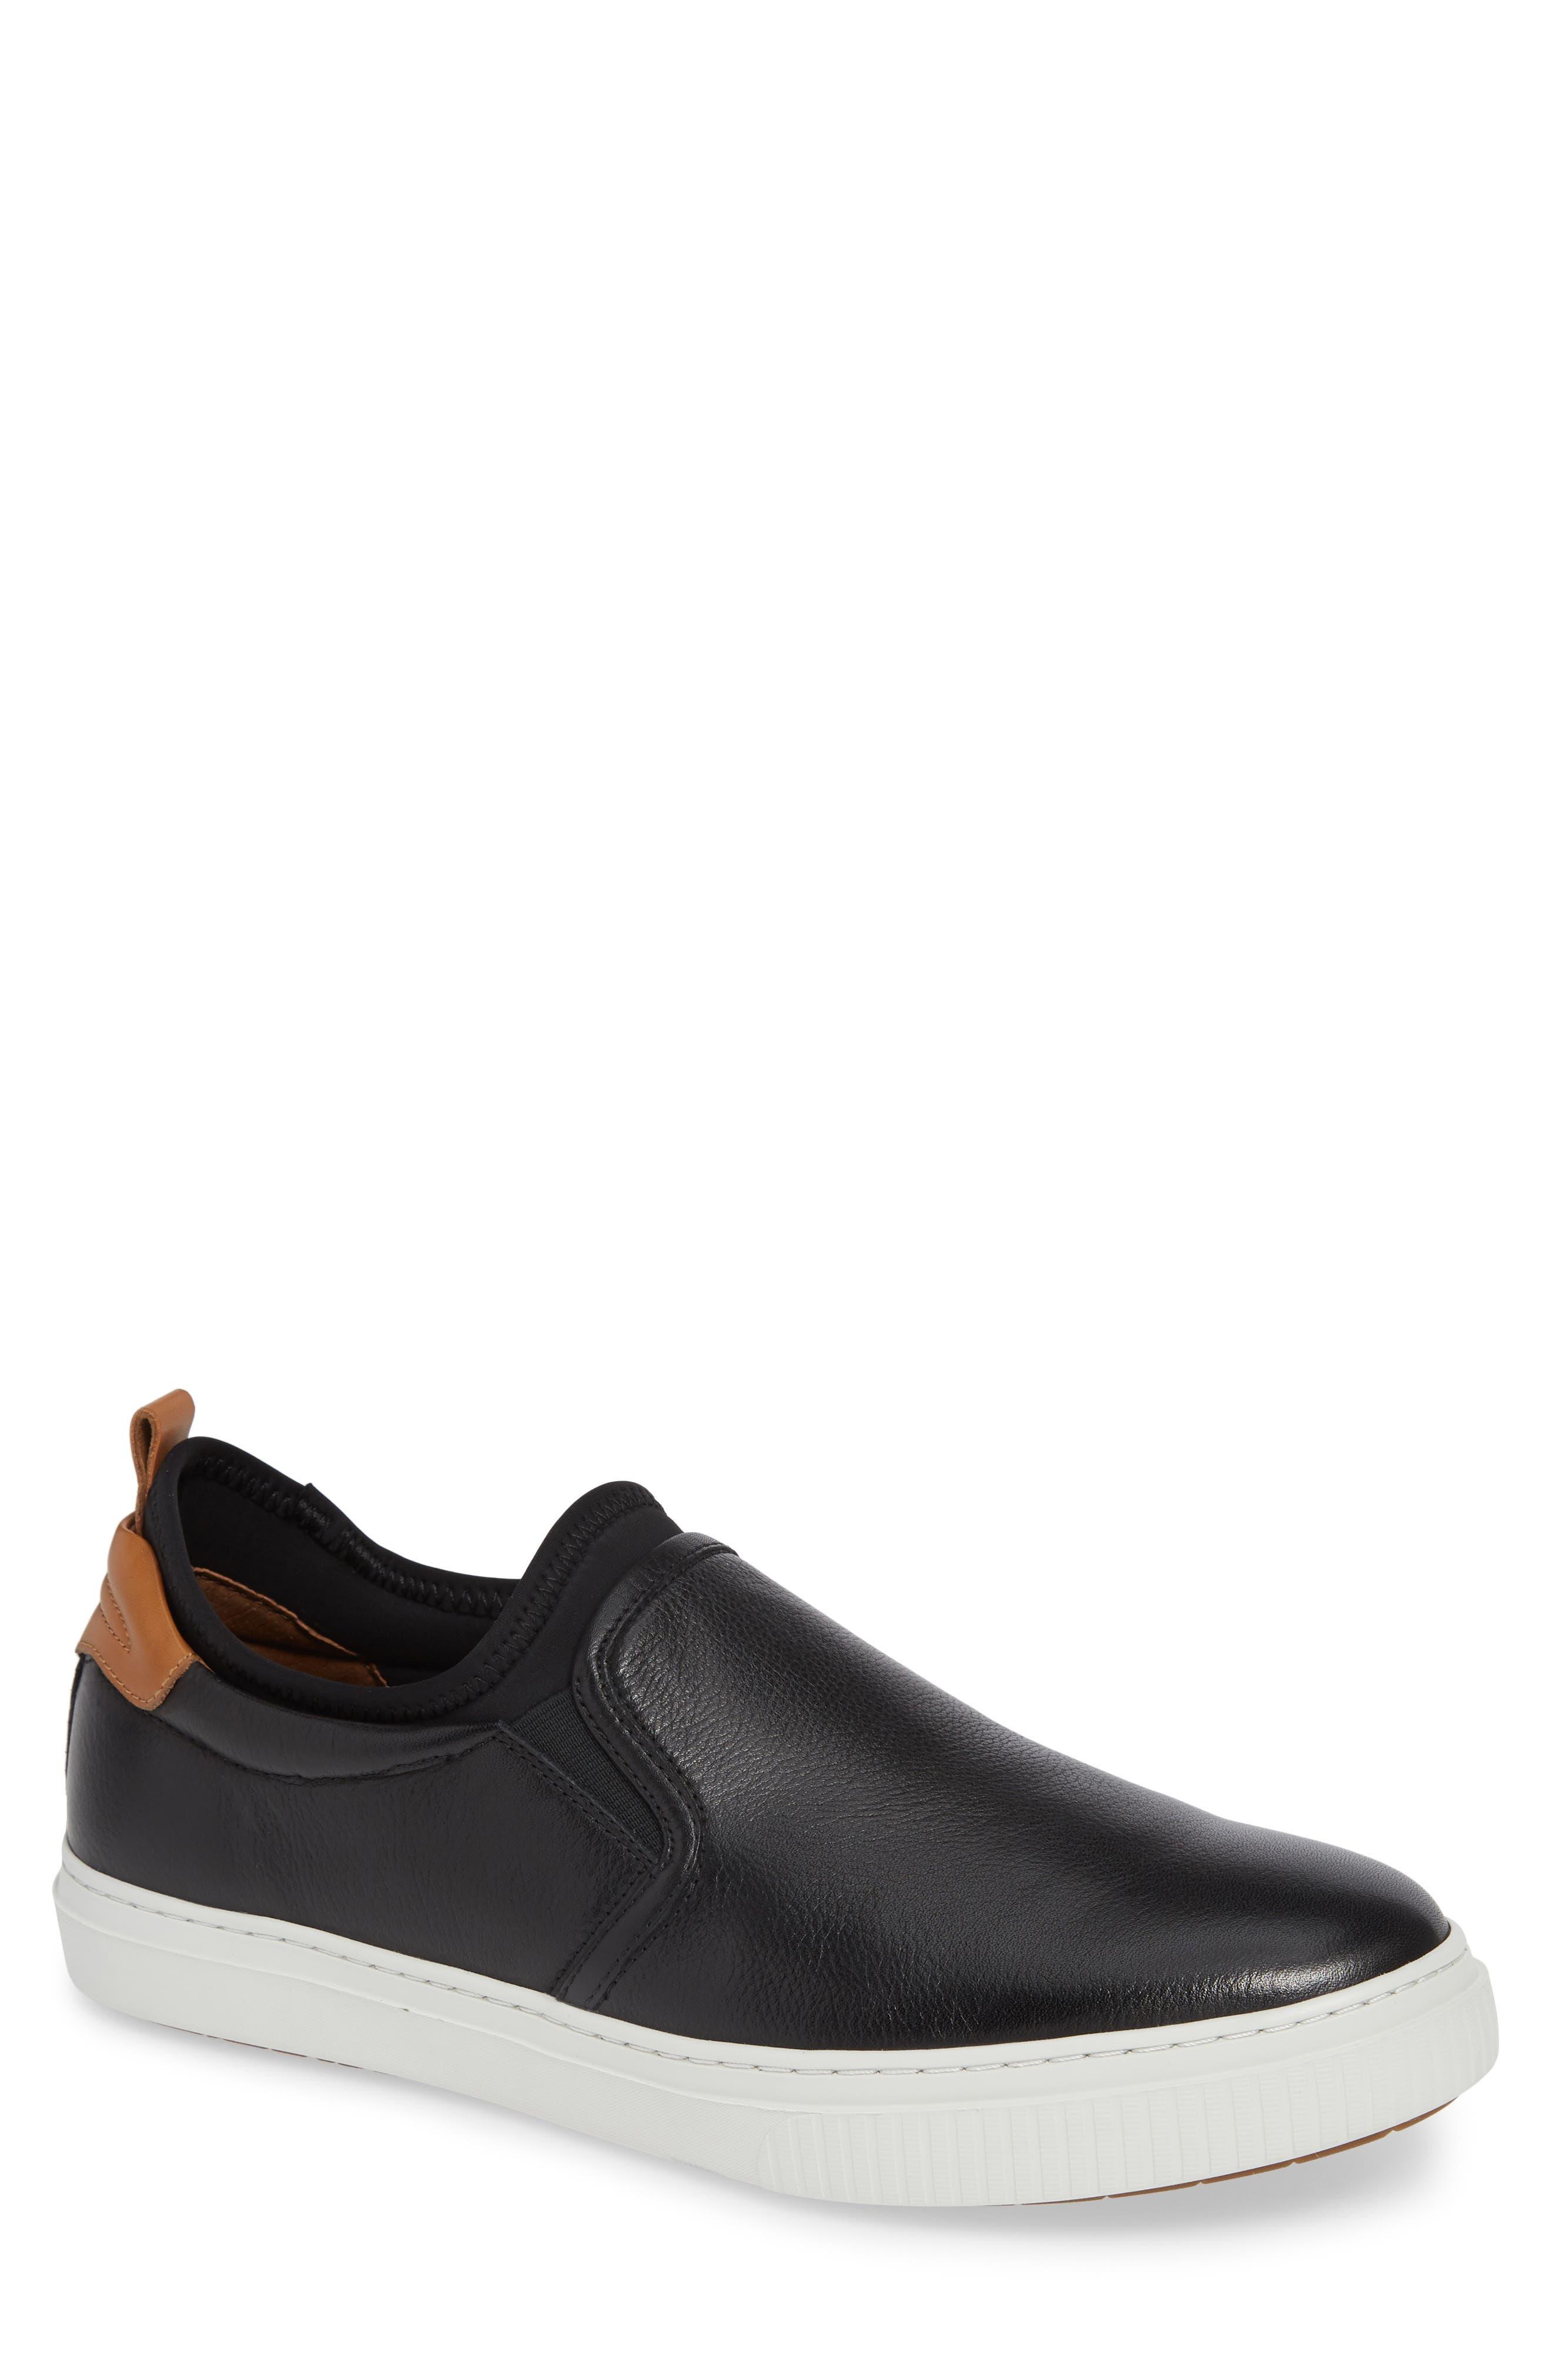 Toliver Slip-On,                         Main,                         color, BLACK LEATHER